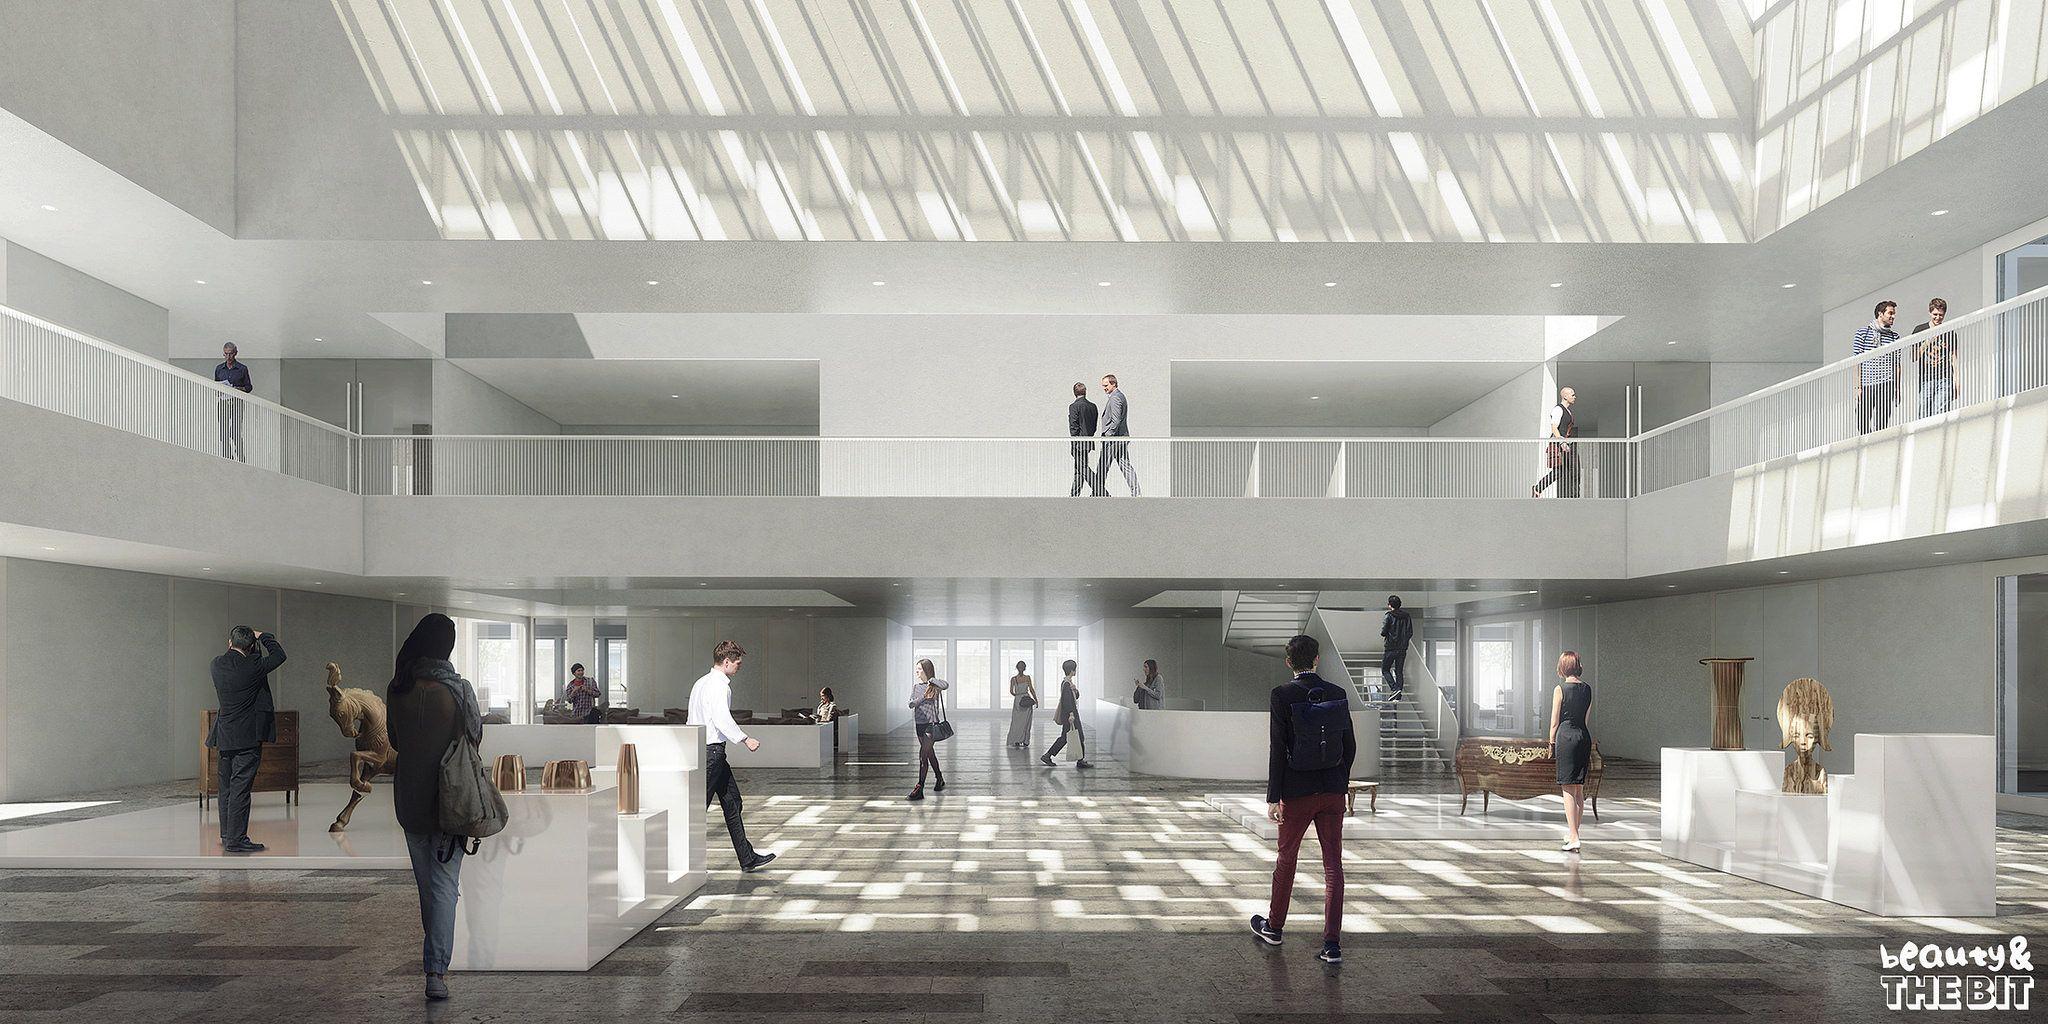 Chambre De Metiers Et De L Artisanat Cma France Kaan Architecten 2015 Architecture Visualization Arch Interior Lille